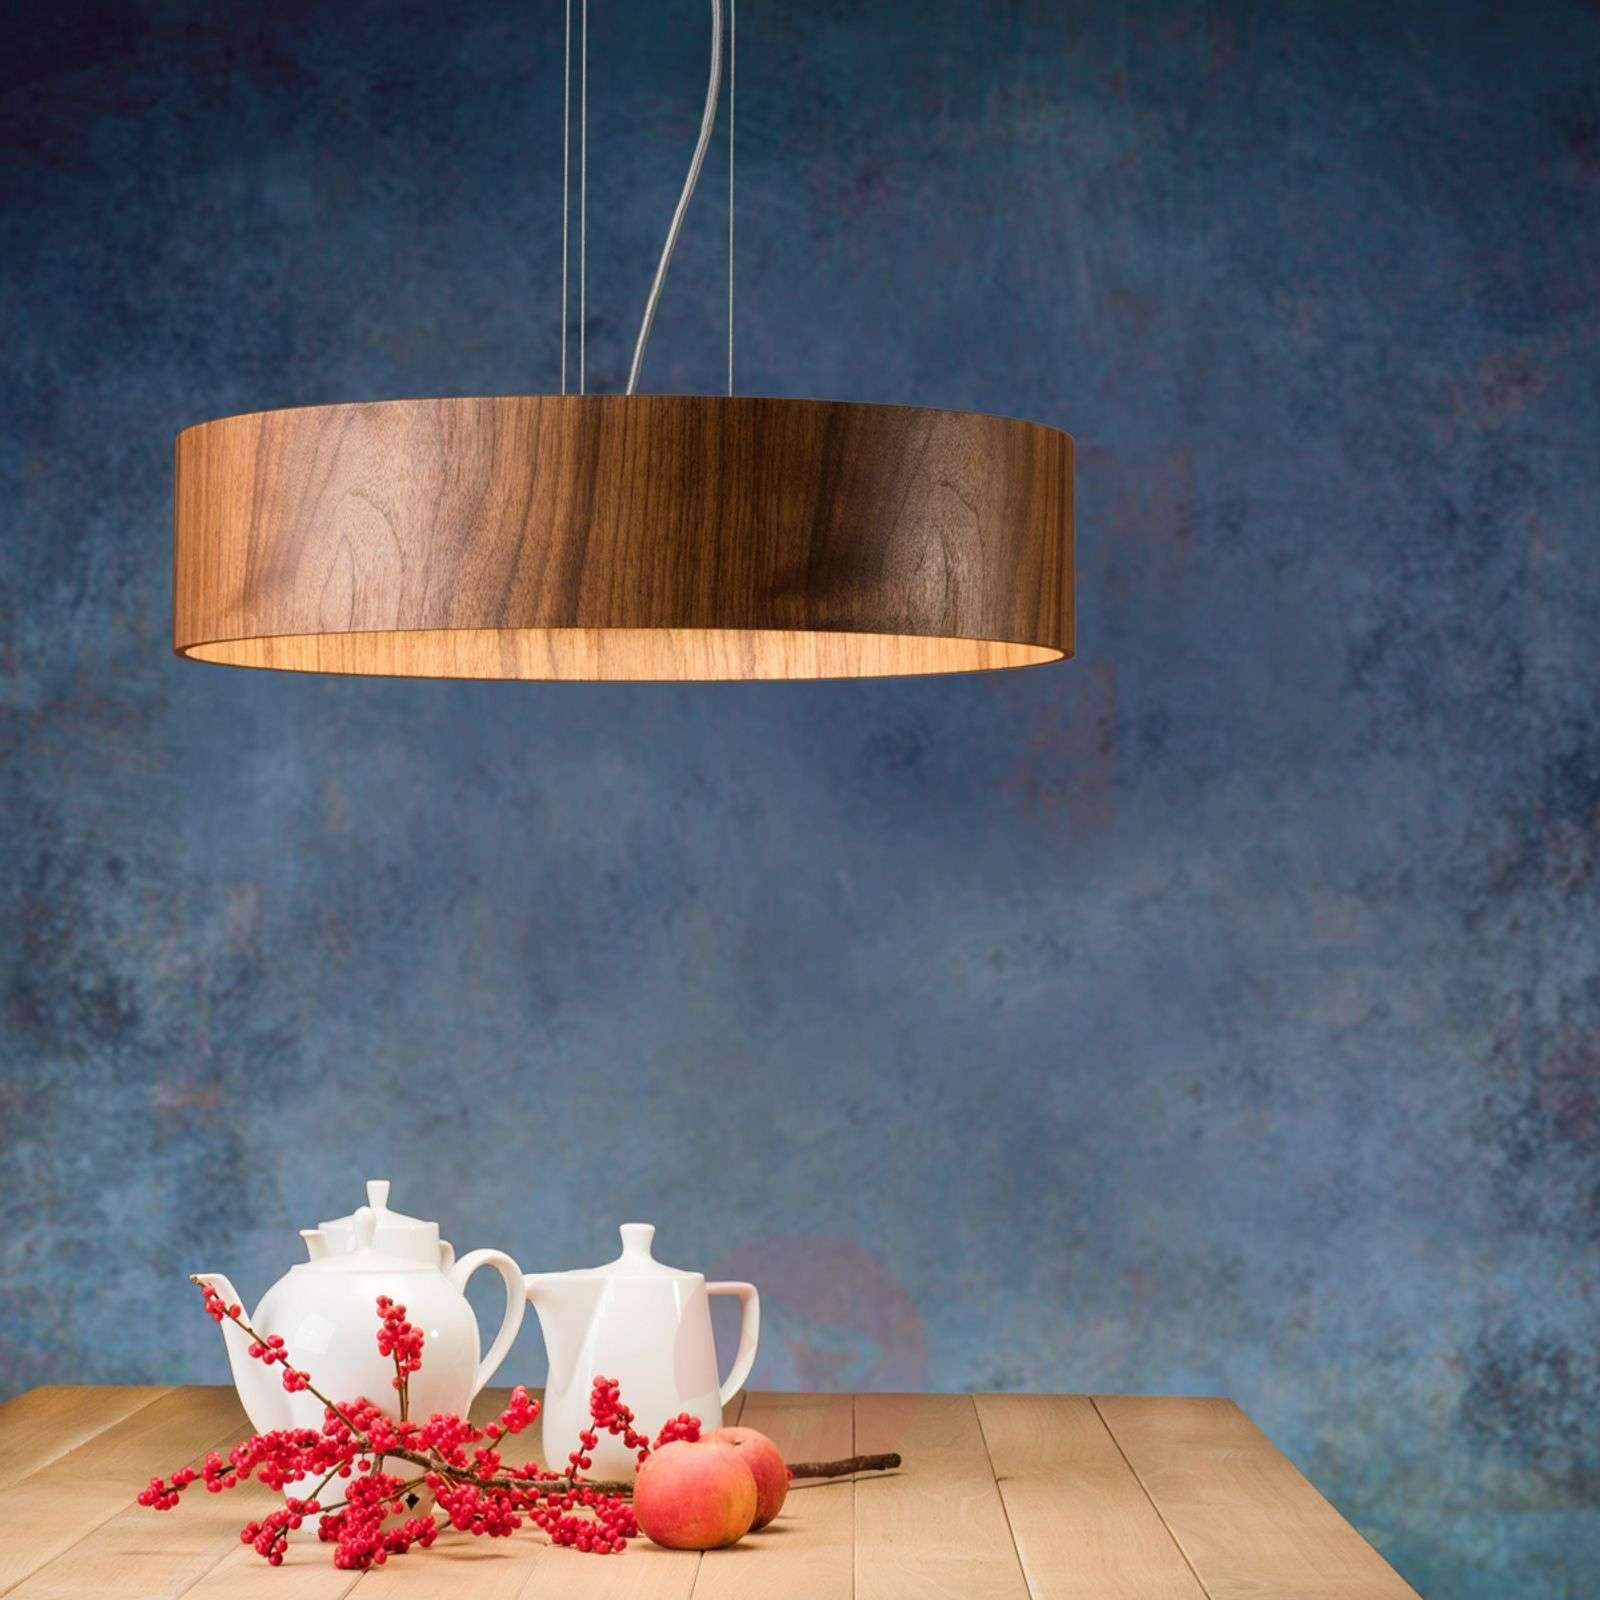 Pähkinäpuinen riippuvalo Lara Wood led-lampuilla-2600525-01